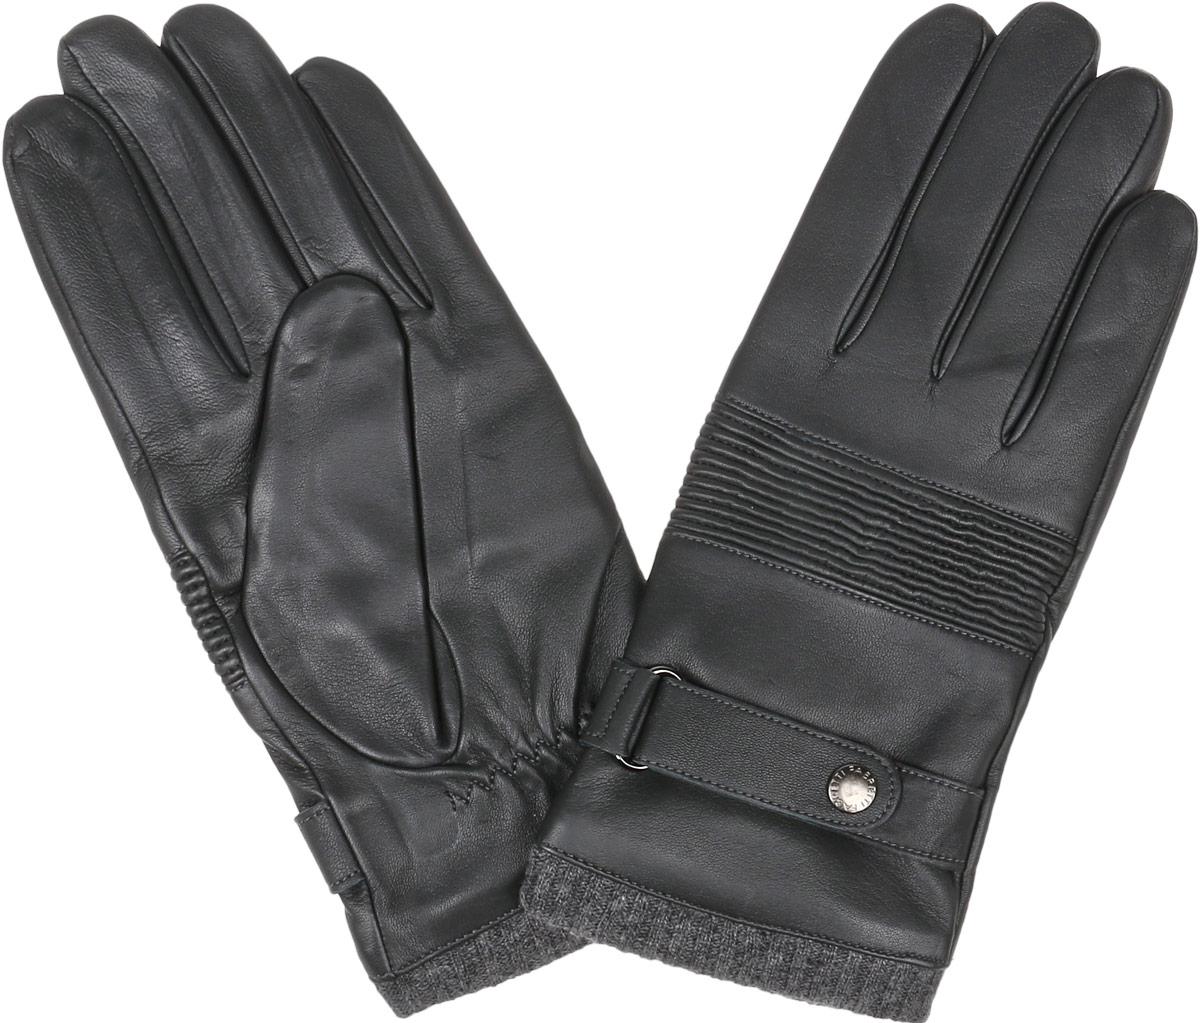 Перчатки мужские Fabretti, цвет: темно-серый. 12.50-9. Размер 912.50-9 greyСтильные мужские перчатки Fabretti не только защитят ваши руки, но и станут великолепным украшением. Перчатки выполнены из натуральной кожи ягненка, а их подкладка - из высококачественной шерсти с добавлением кашемира.Модель дополнена небольшим хлястиком на кнопке на запястье, пропущенным через металлическую шлевку. Изделие имеет строчки-стежки на запястье, которые придают большее удобство при носке, также верхняя сторона перчаток дополнена эластичной резинкой, собранной в гармошку. Манжеты модели выполнены из вязанной резинки. Стильный аксессуар для повседневного образа.